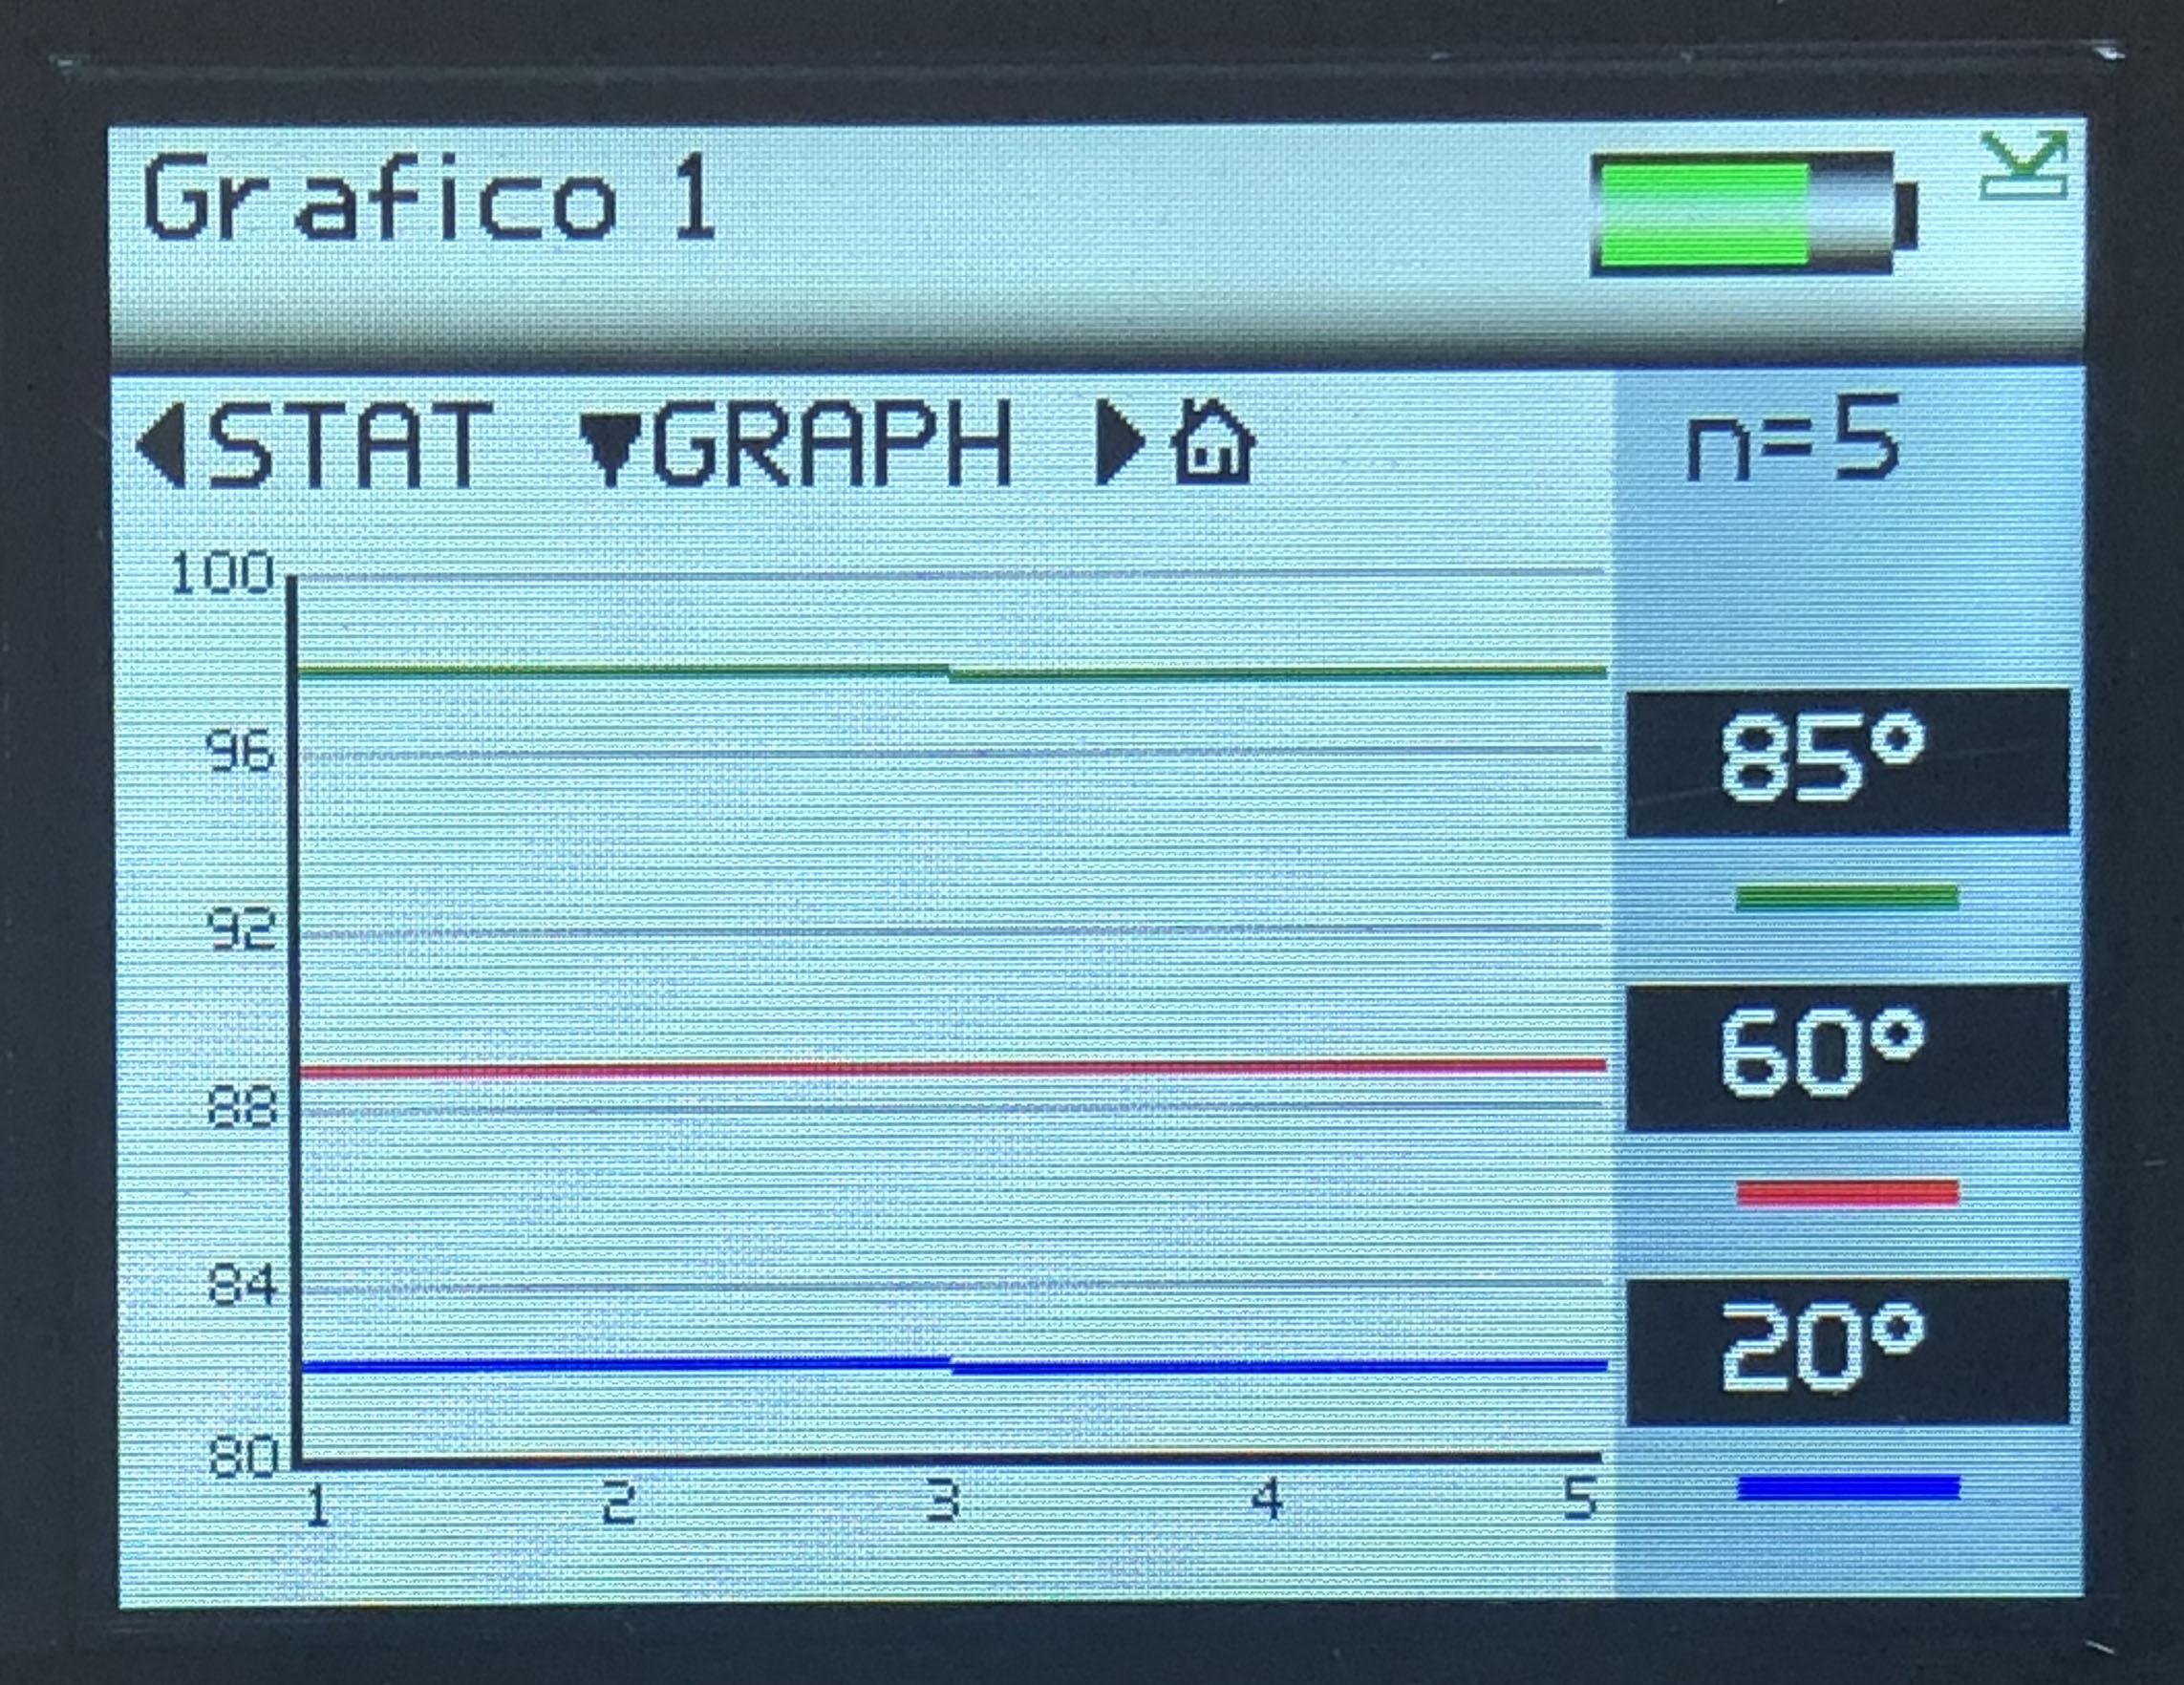 Gráfico Rhopoint Iq